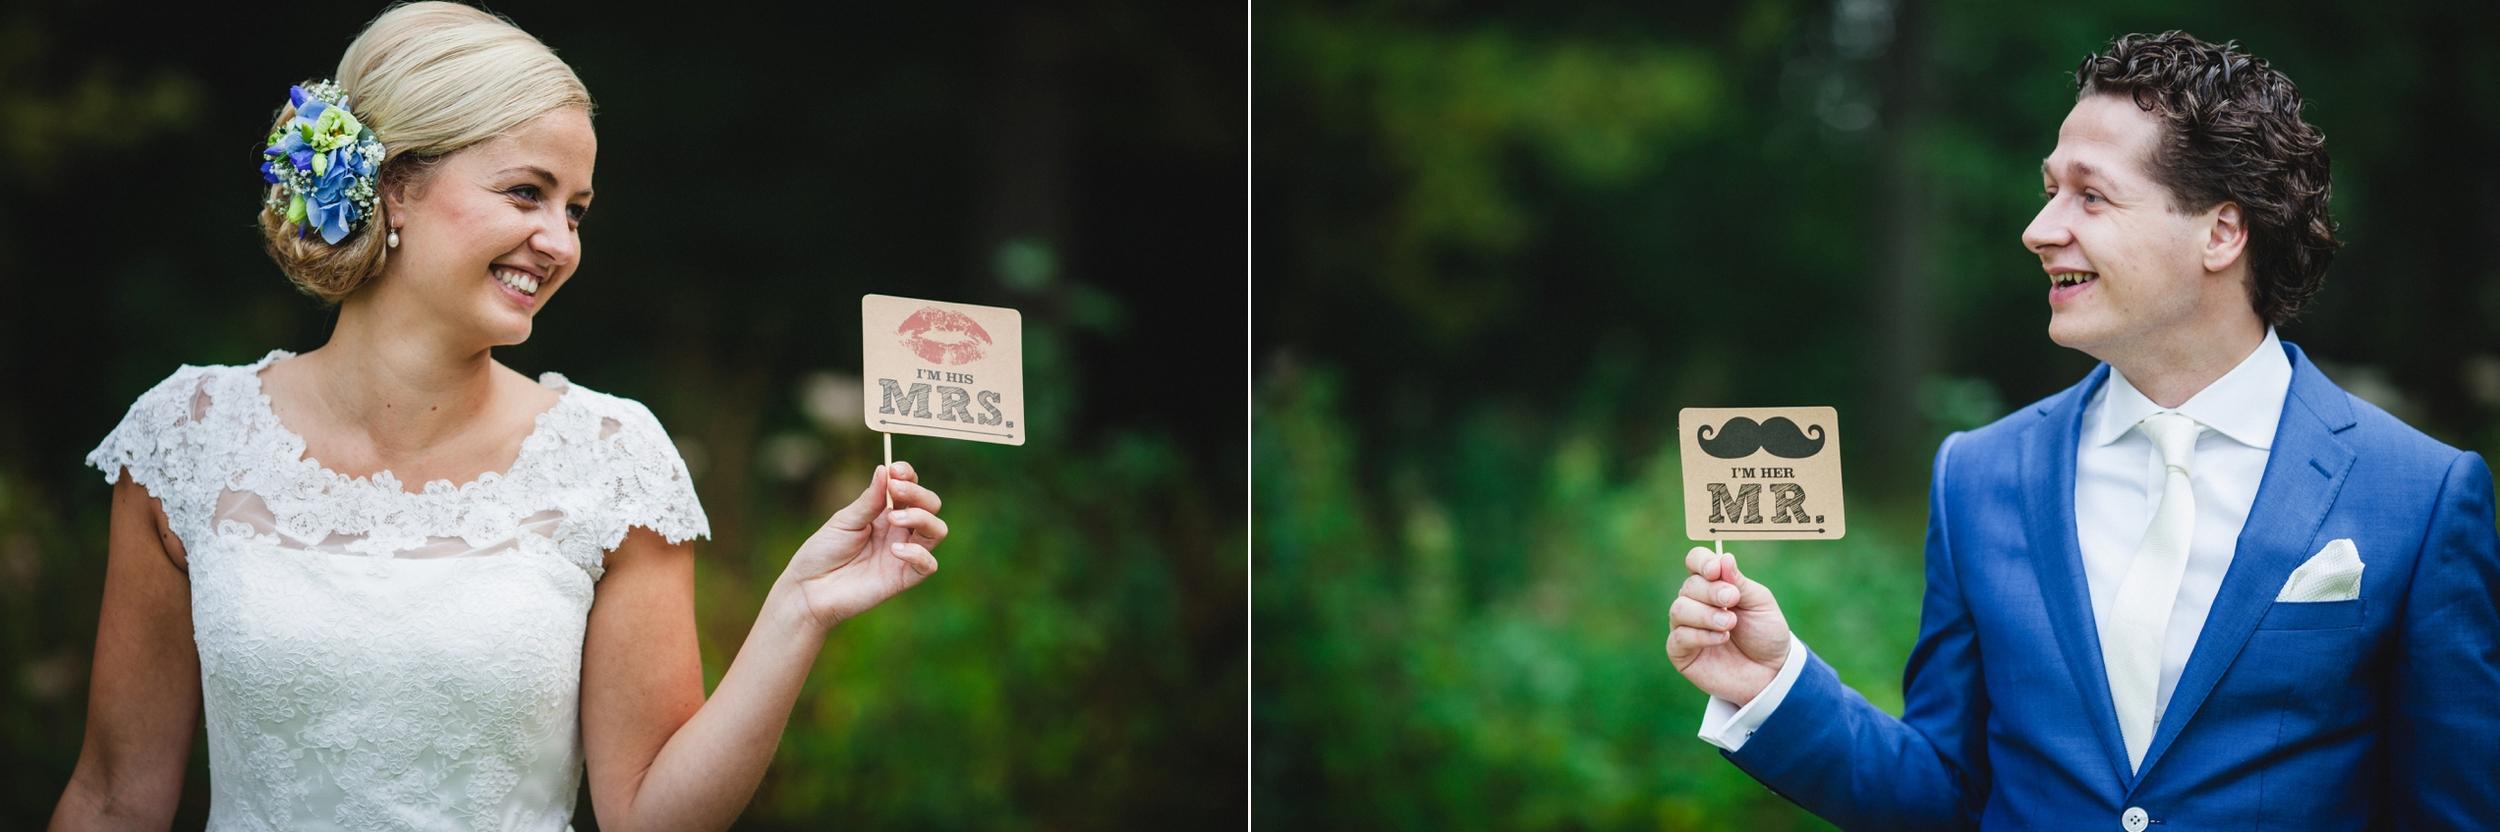 bruidsfotograaf-rijssen-utrecht-fotograaf-trouwen-bruiloft_0226.jpg